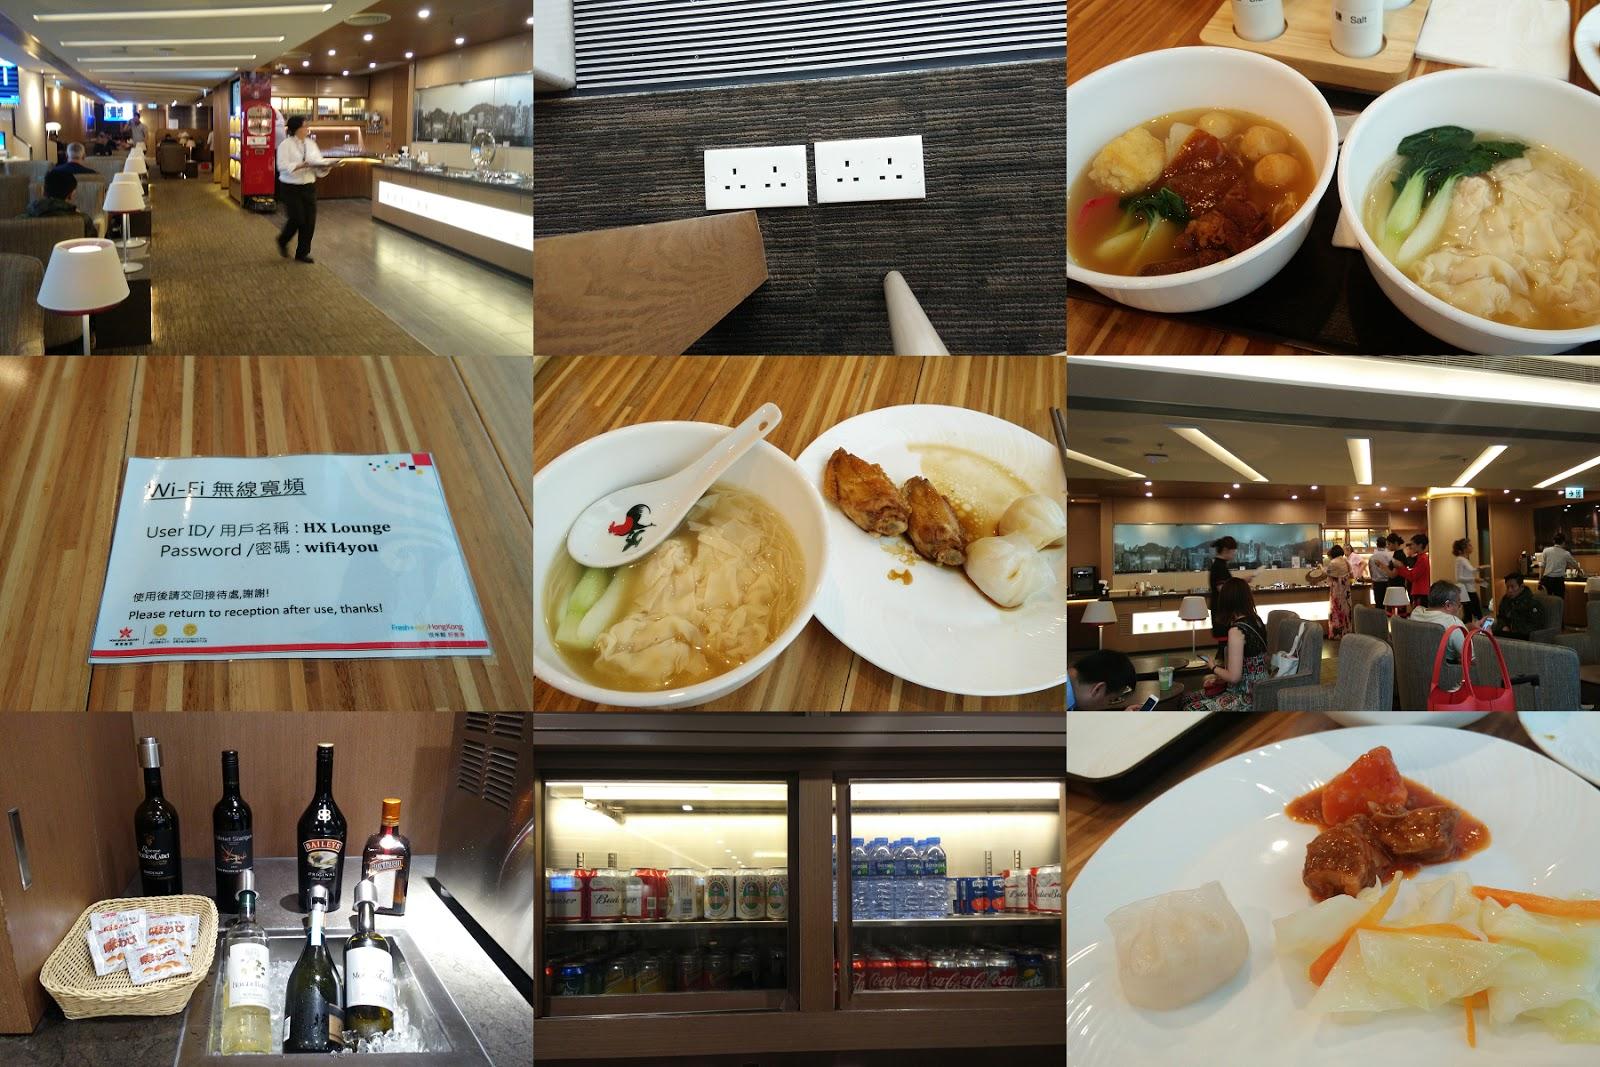 黑老闆說︱香港航空貴賓室不算大、餐飲普通、員工一堆卻不會協助引導,也不親切。